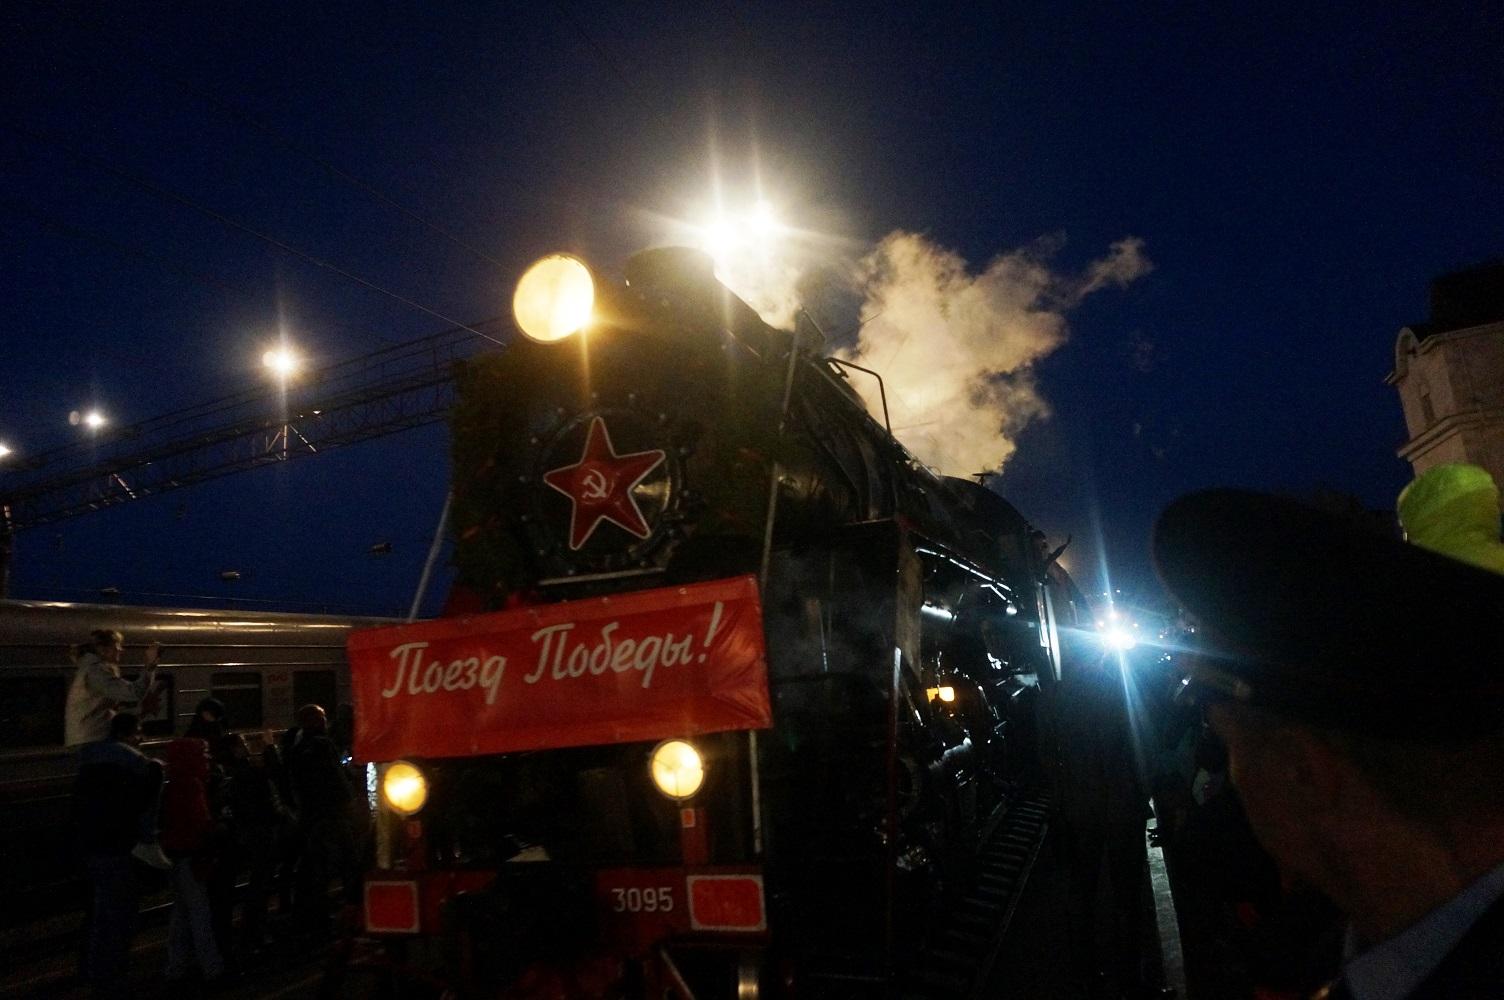 Поезд Победы. Фото ©День.org